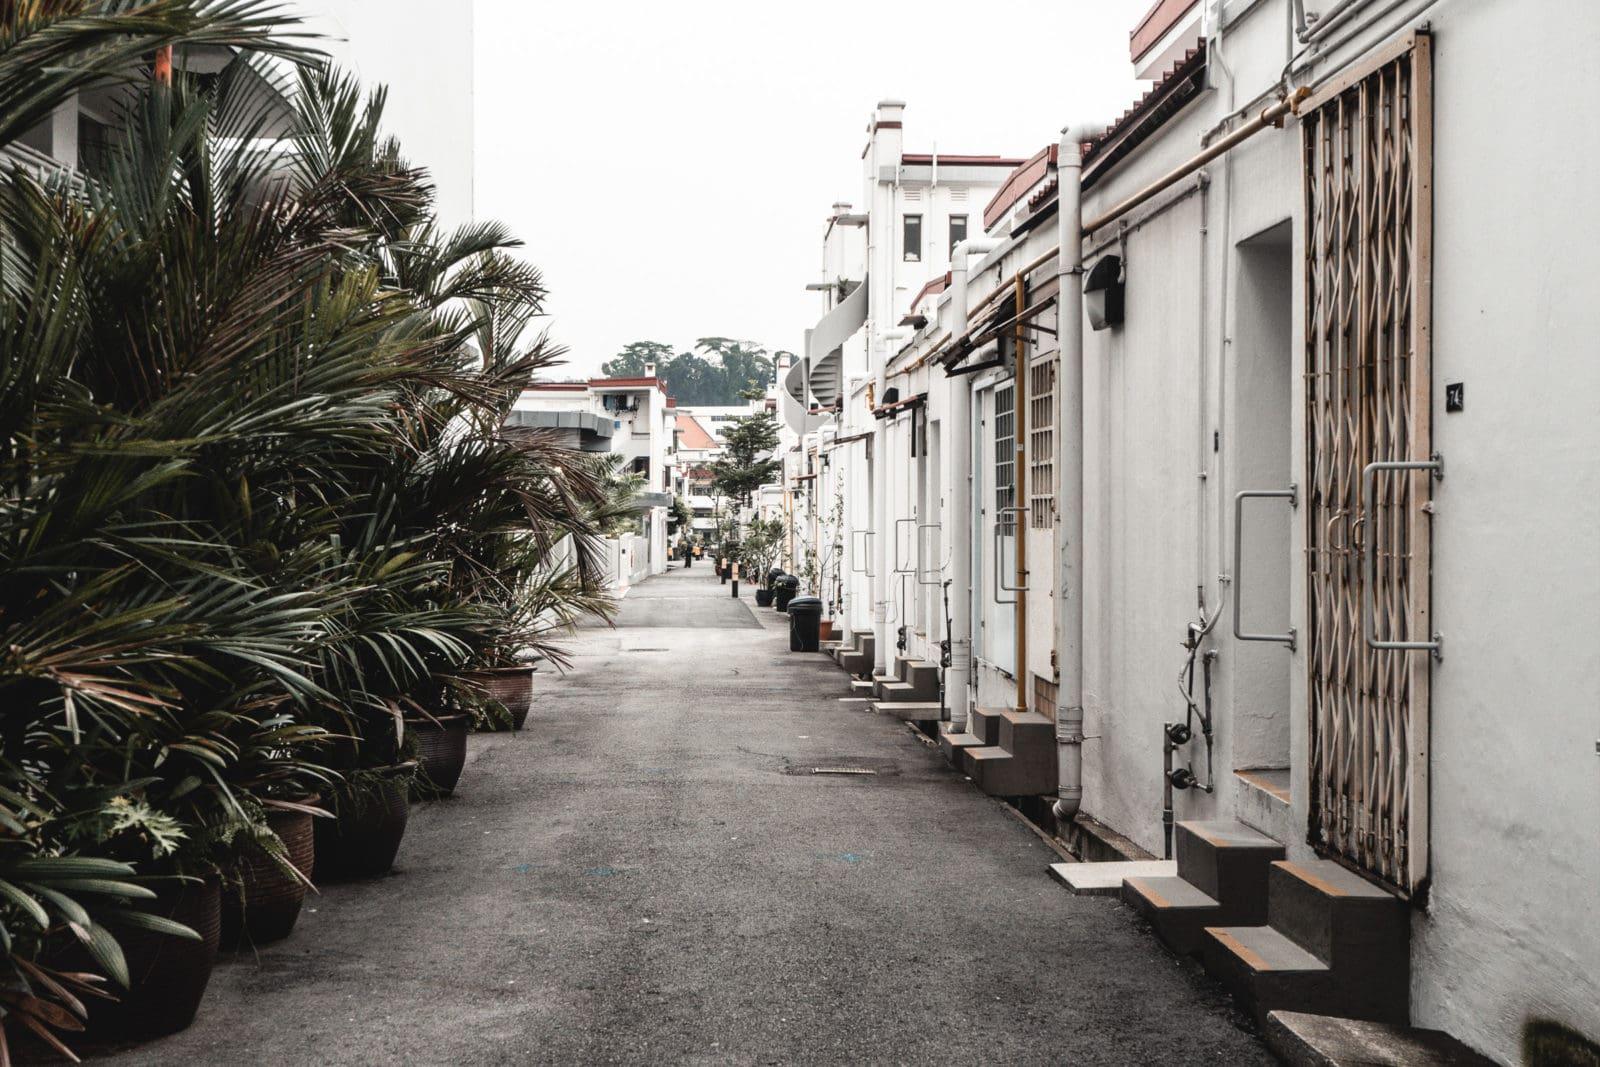 Tiong Bahru Singapur